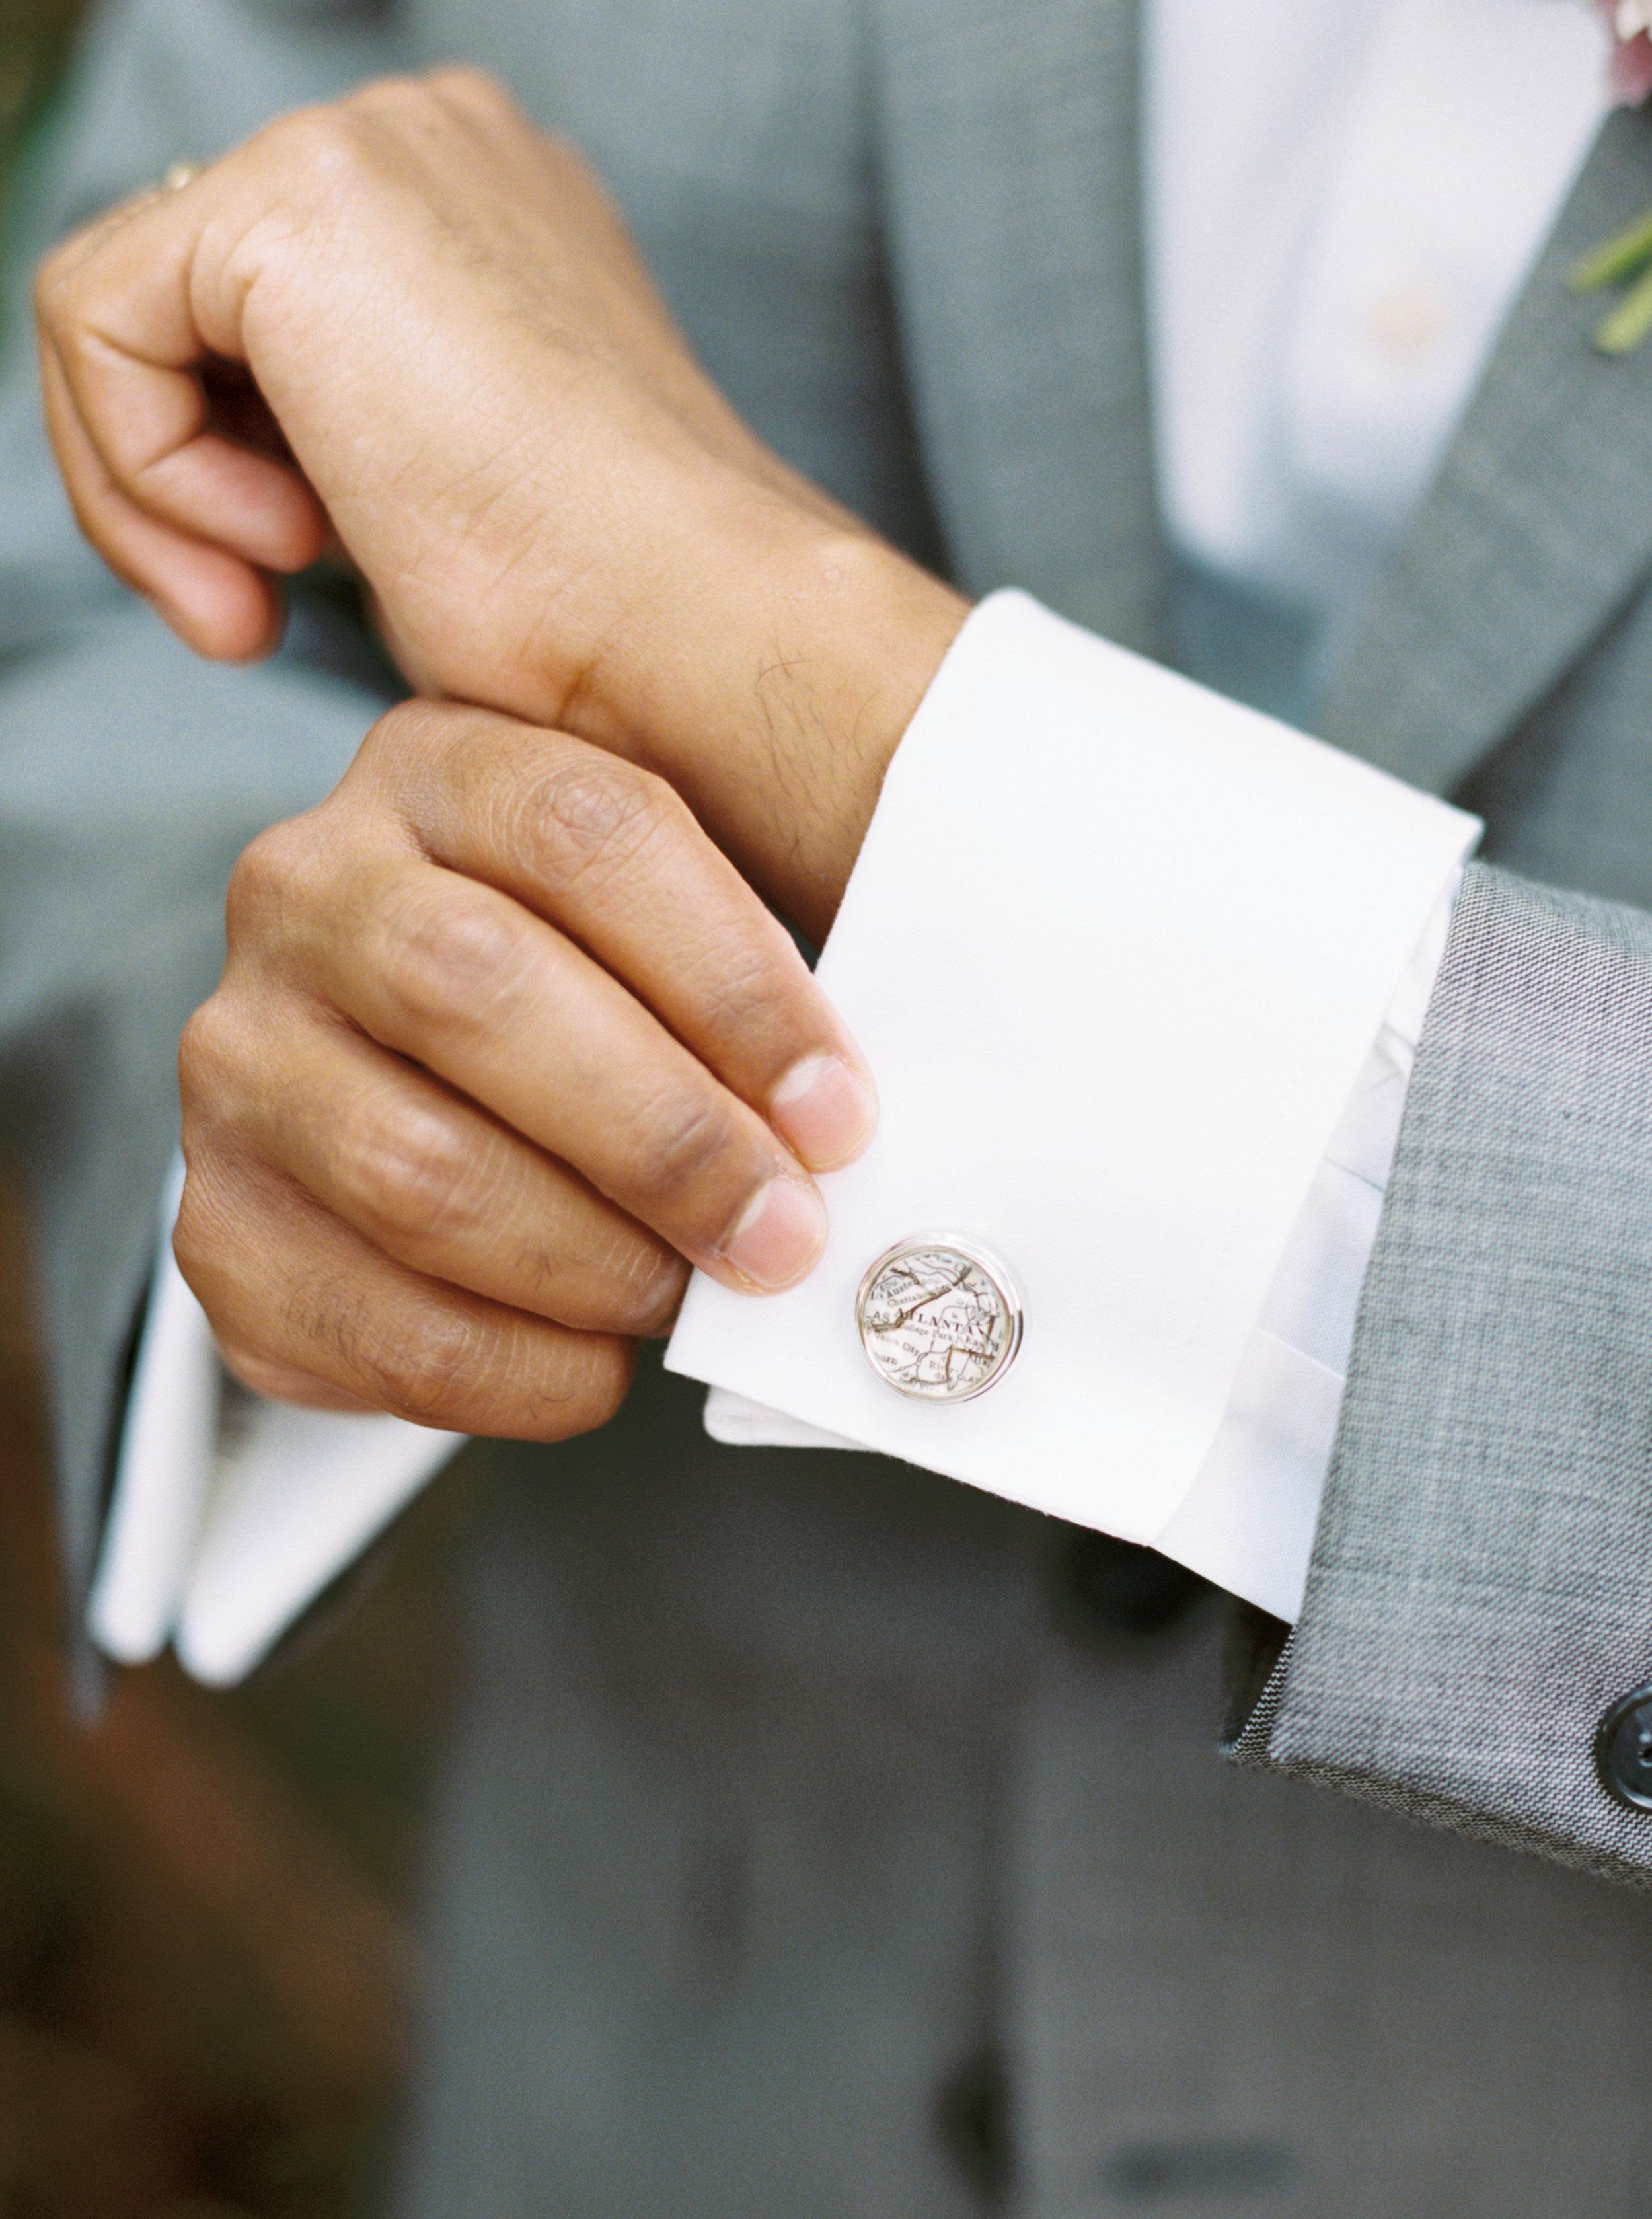 Wahoo_Grill_Atlanta_Indian_Wedding_Abigail_Malone_Photgoraphy_FIlm-81.jpg